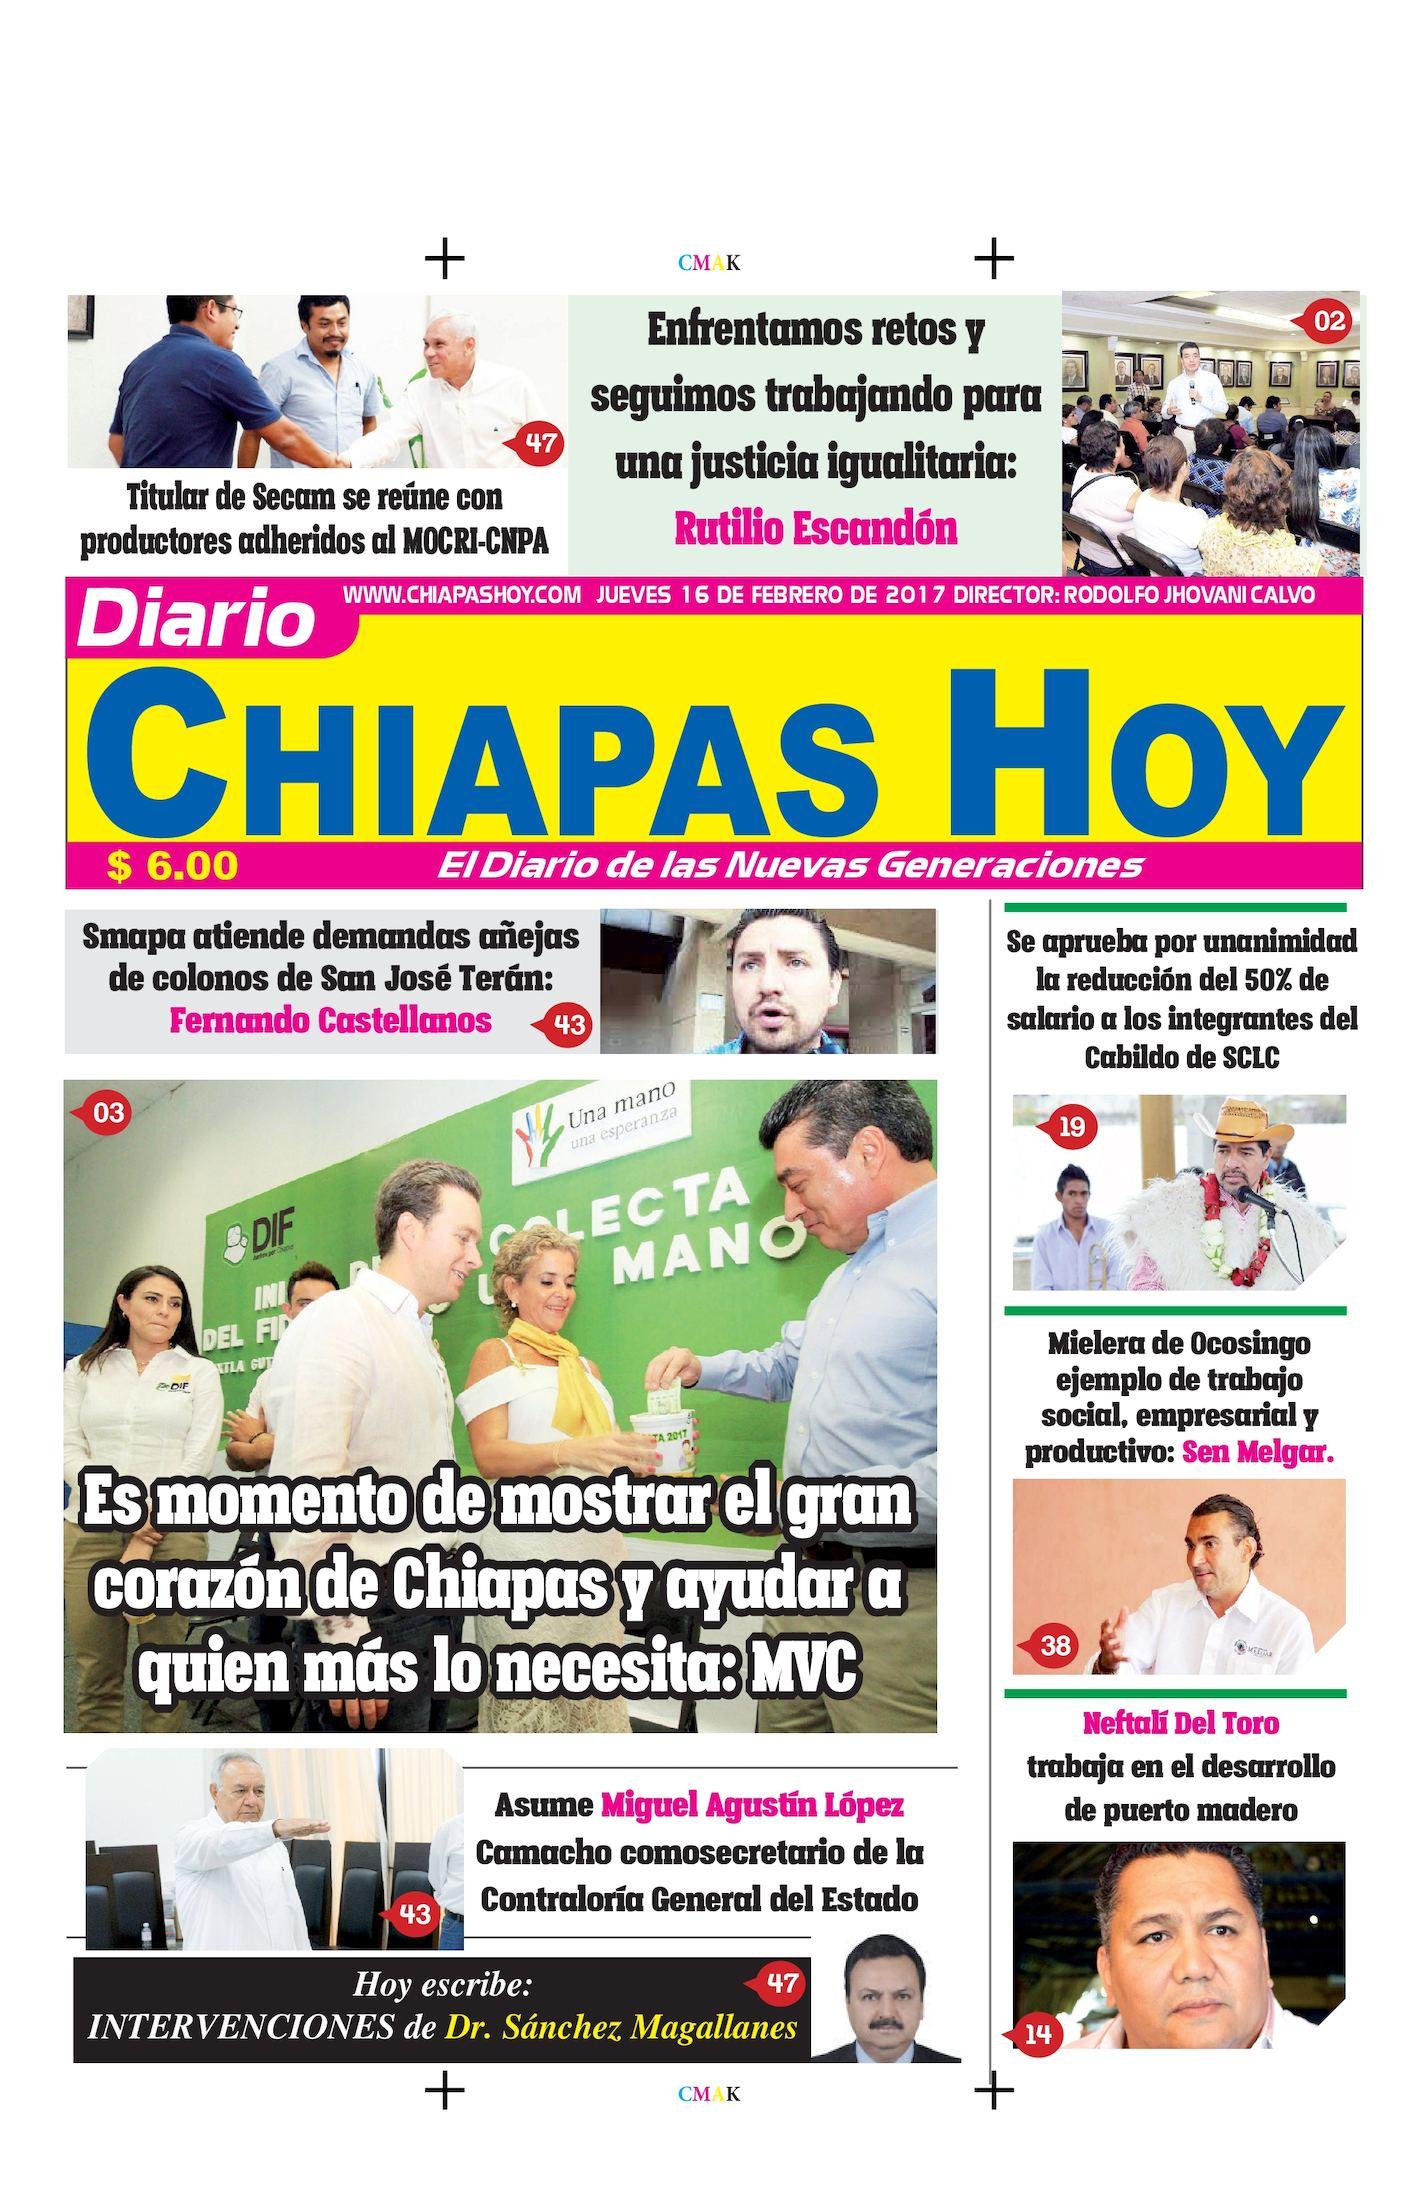 Chiapas Hoy 16 De Febrero